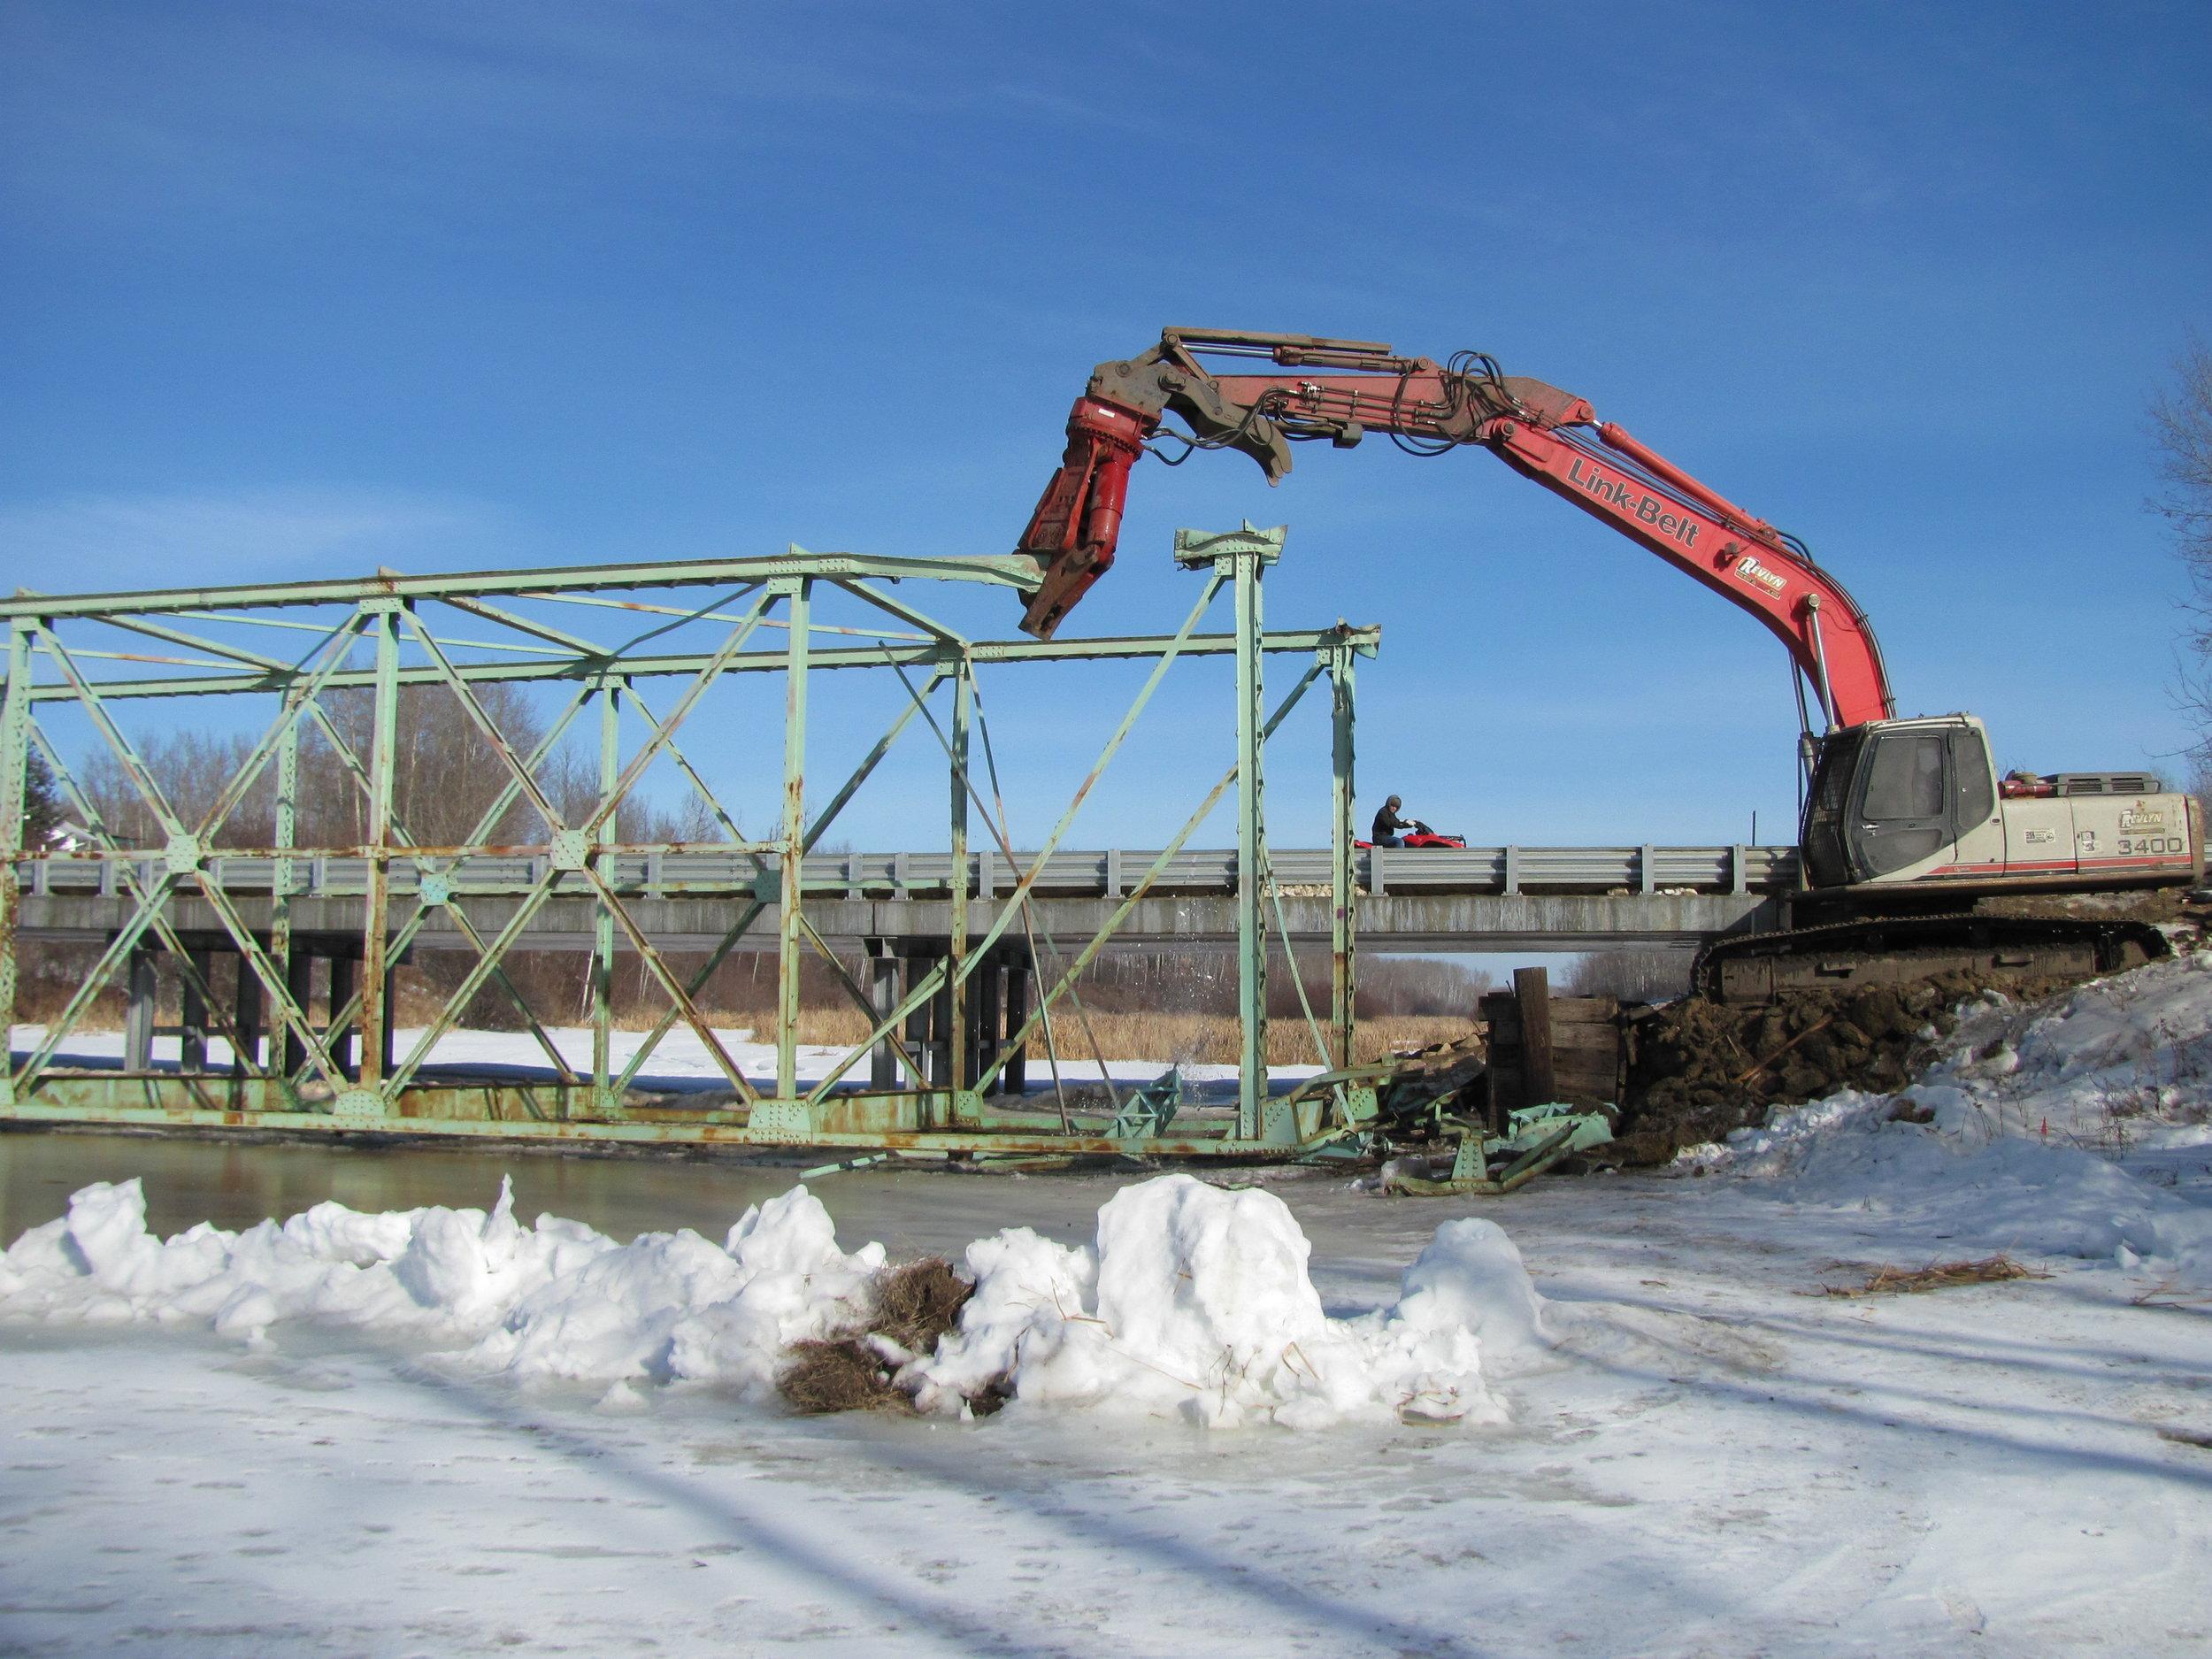 Lac La Biche Steel Bridge